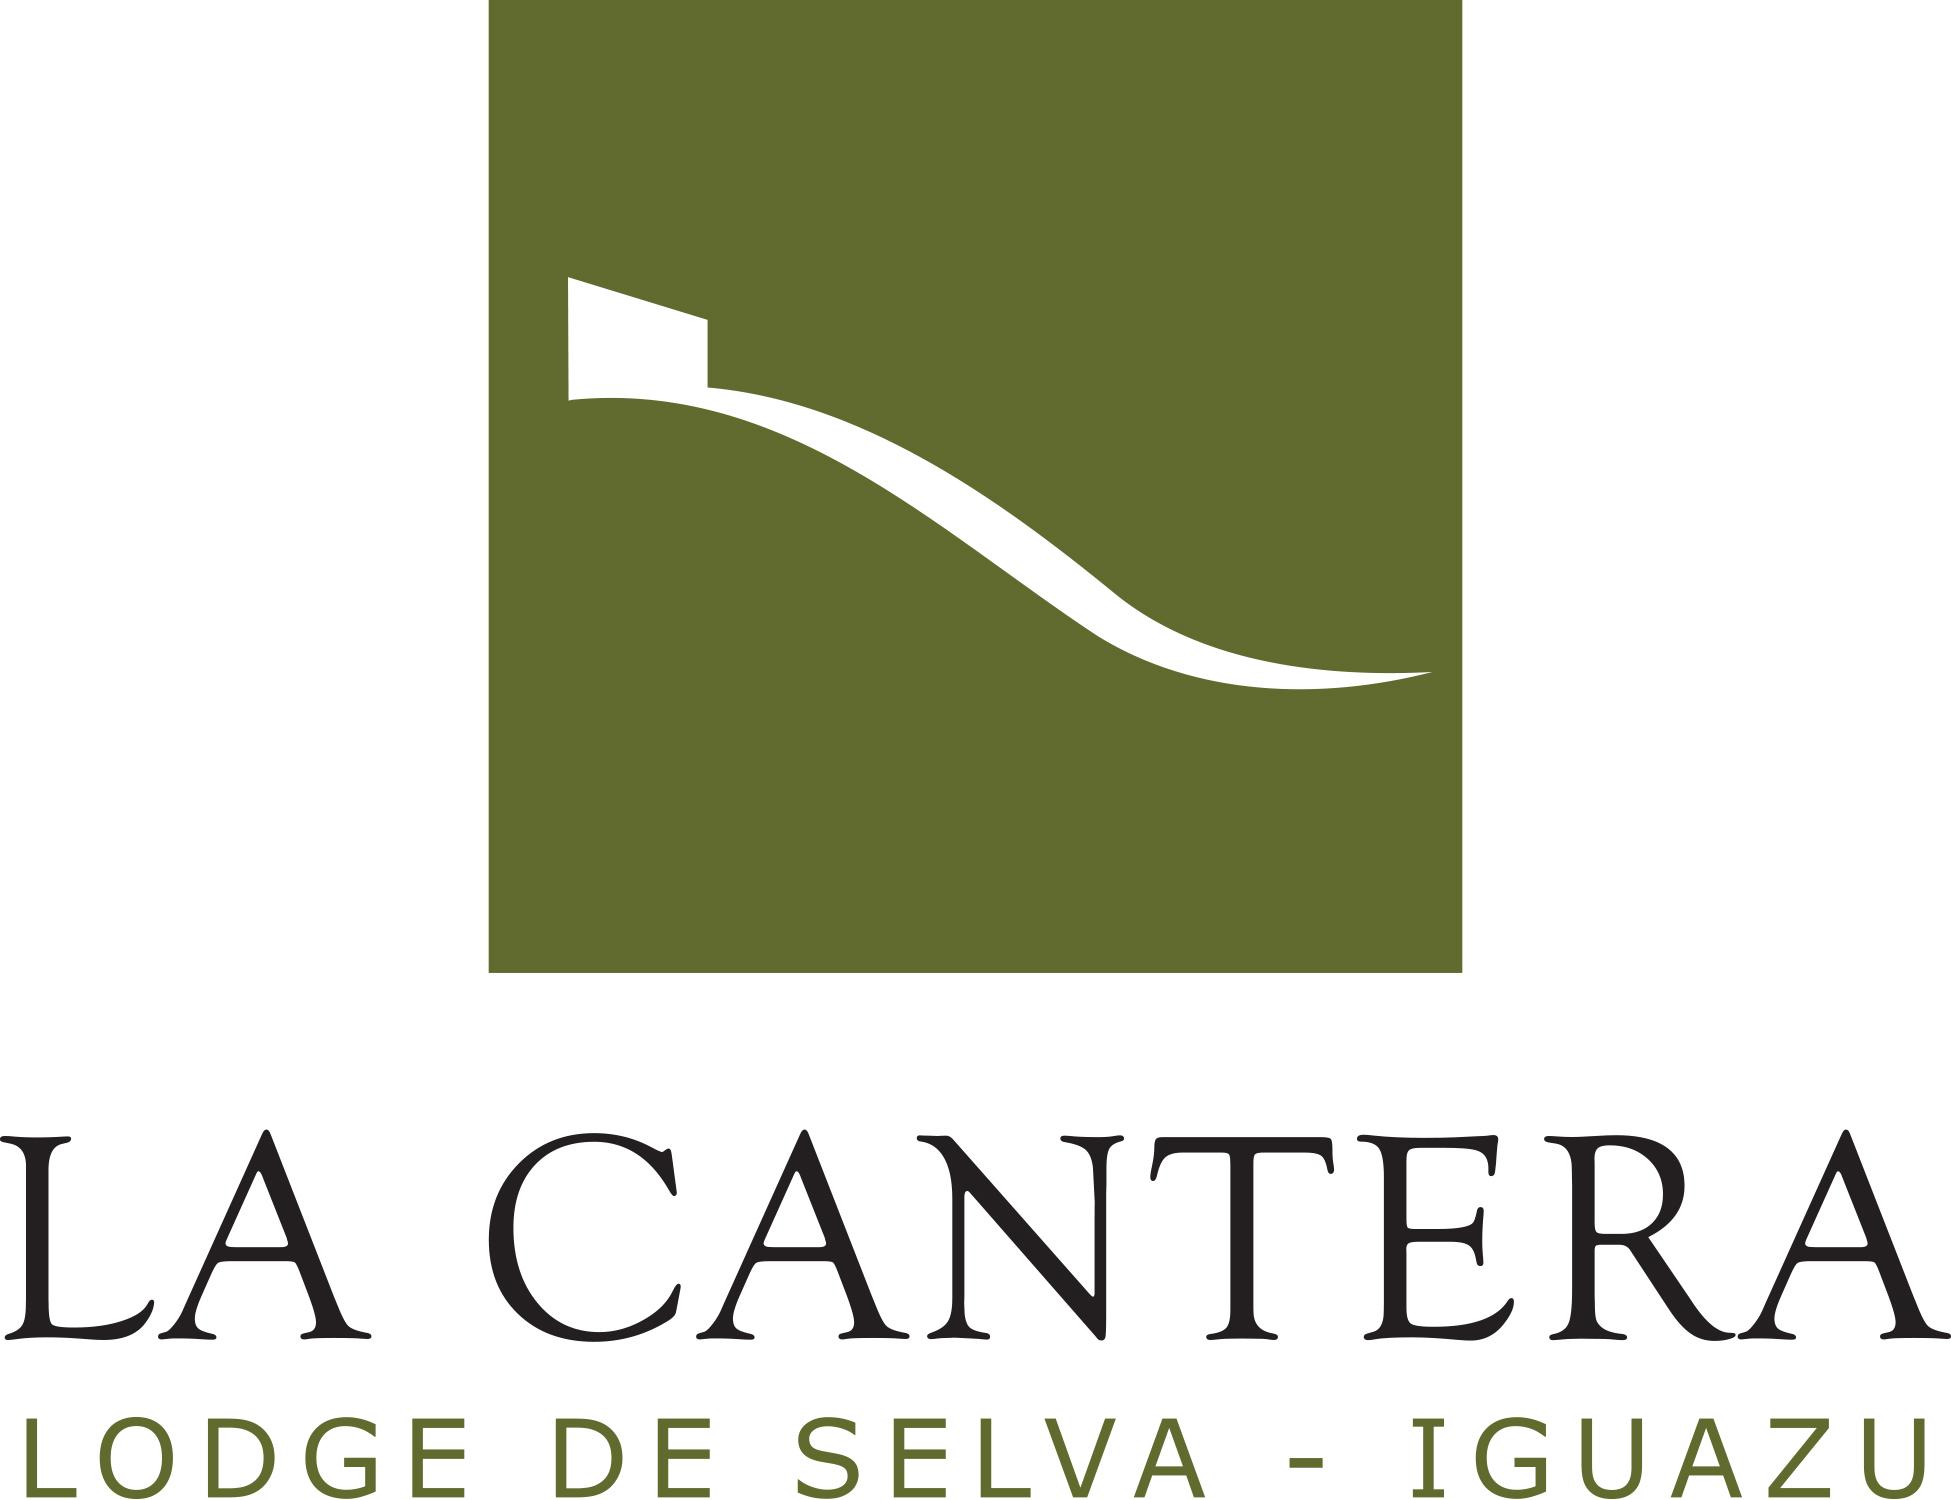 logo_lacantera_iguazú